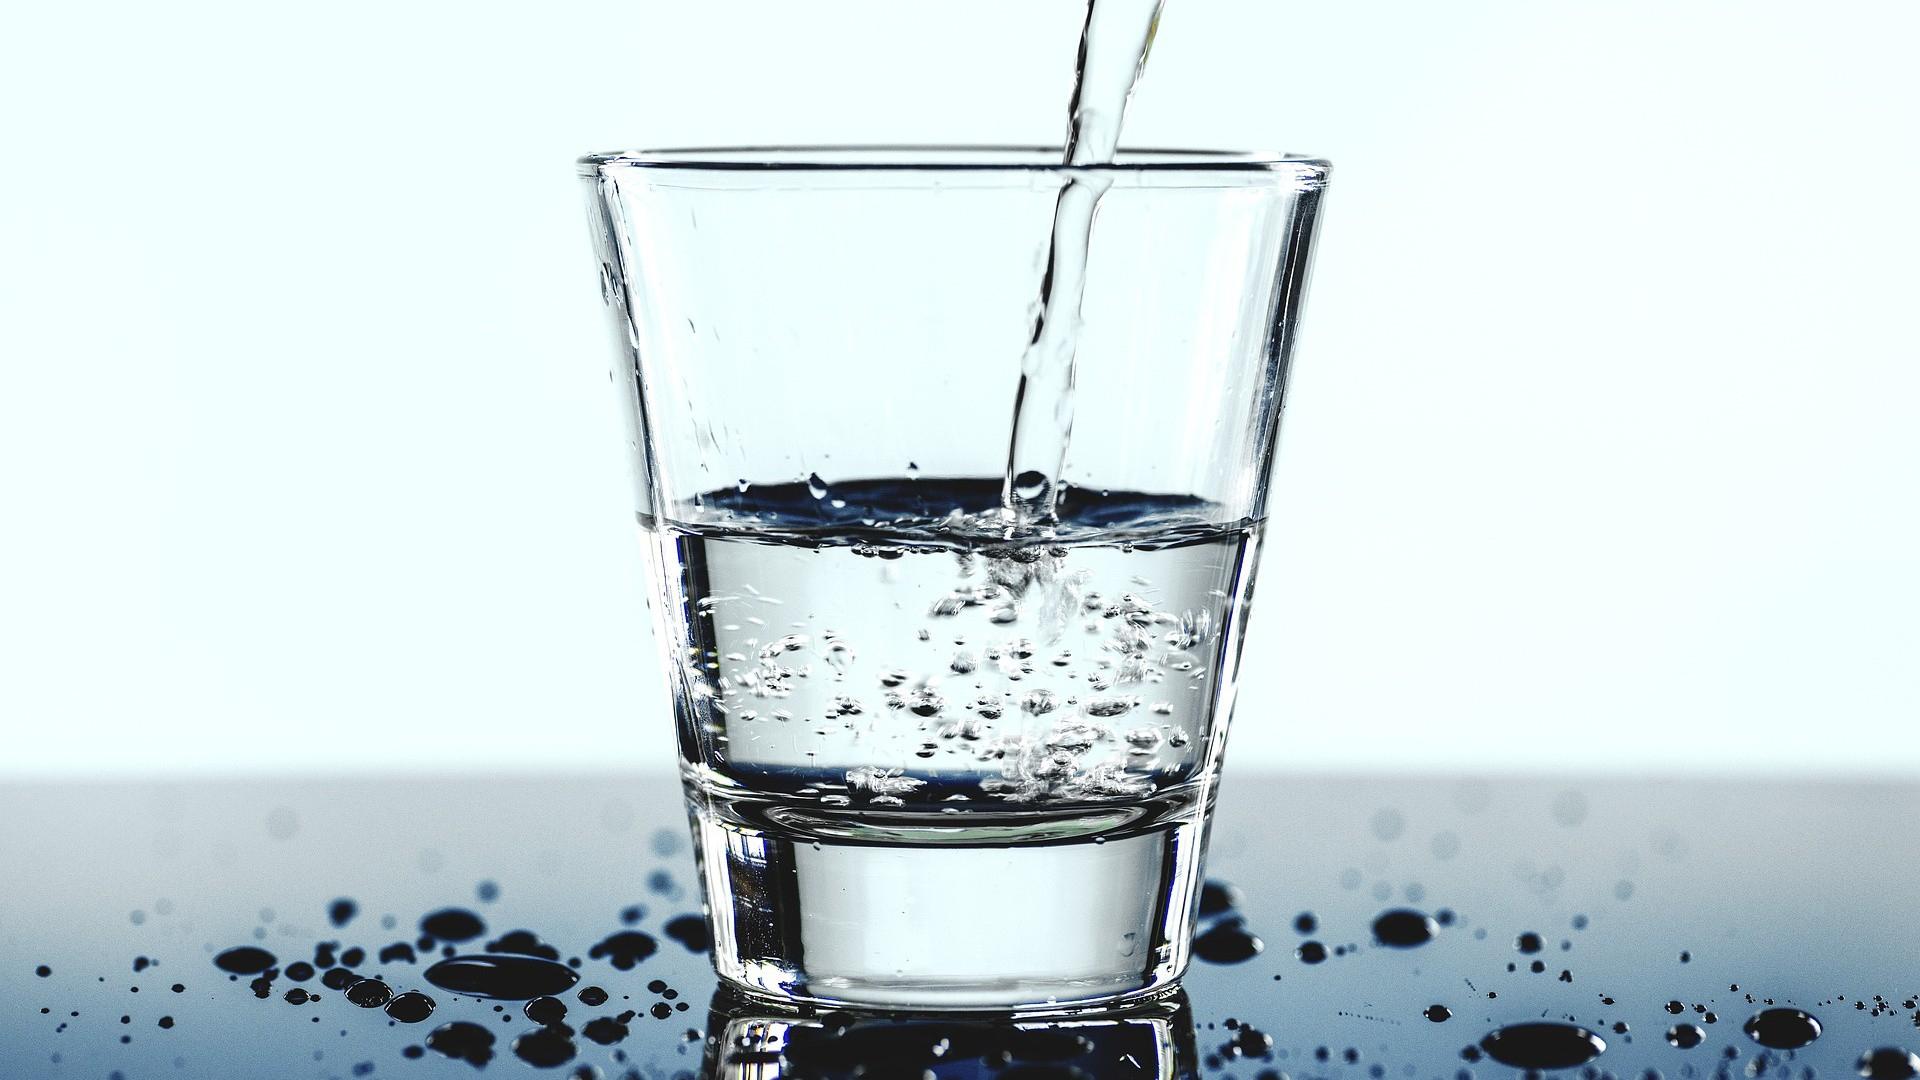 Sprudelwasser Selber Machen Ohne Maschine - So Geht's - Chip ganzes Wasser Mit Kohlensäure Selber Machen